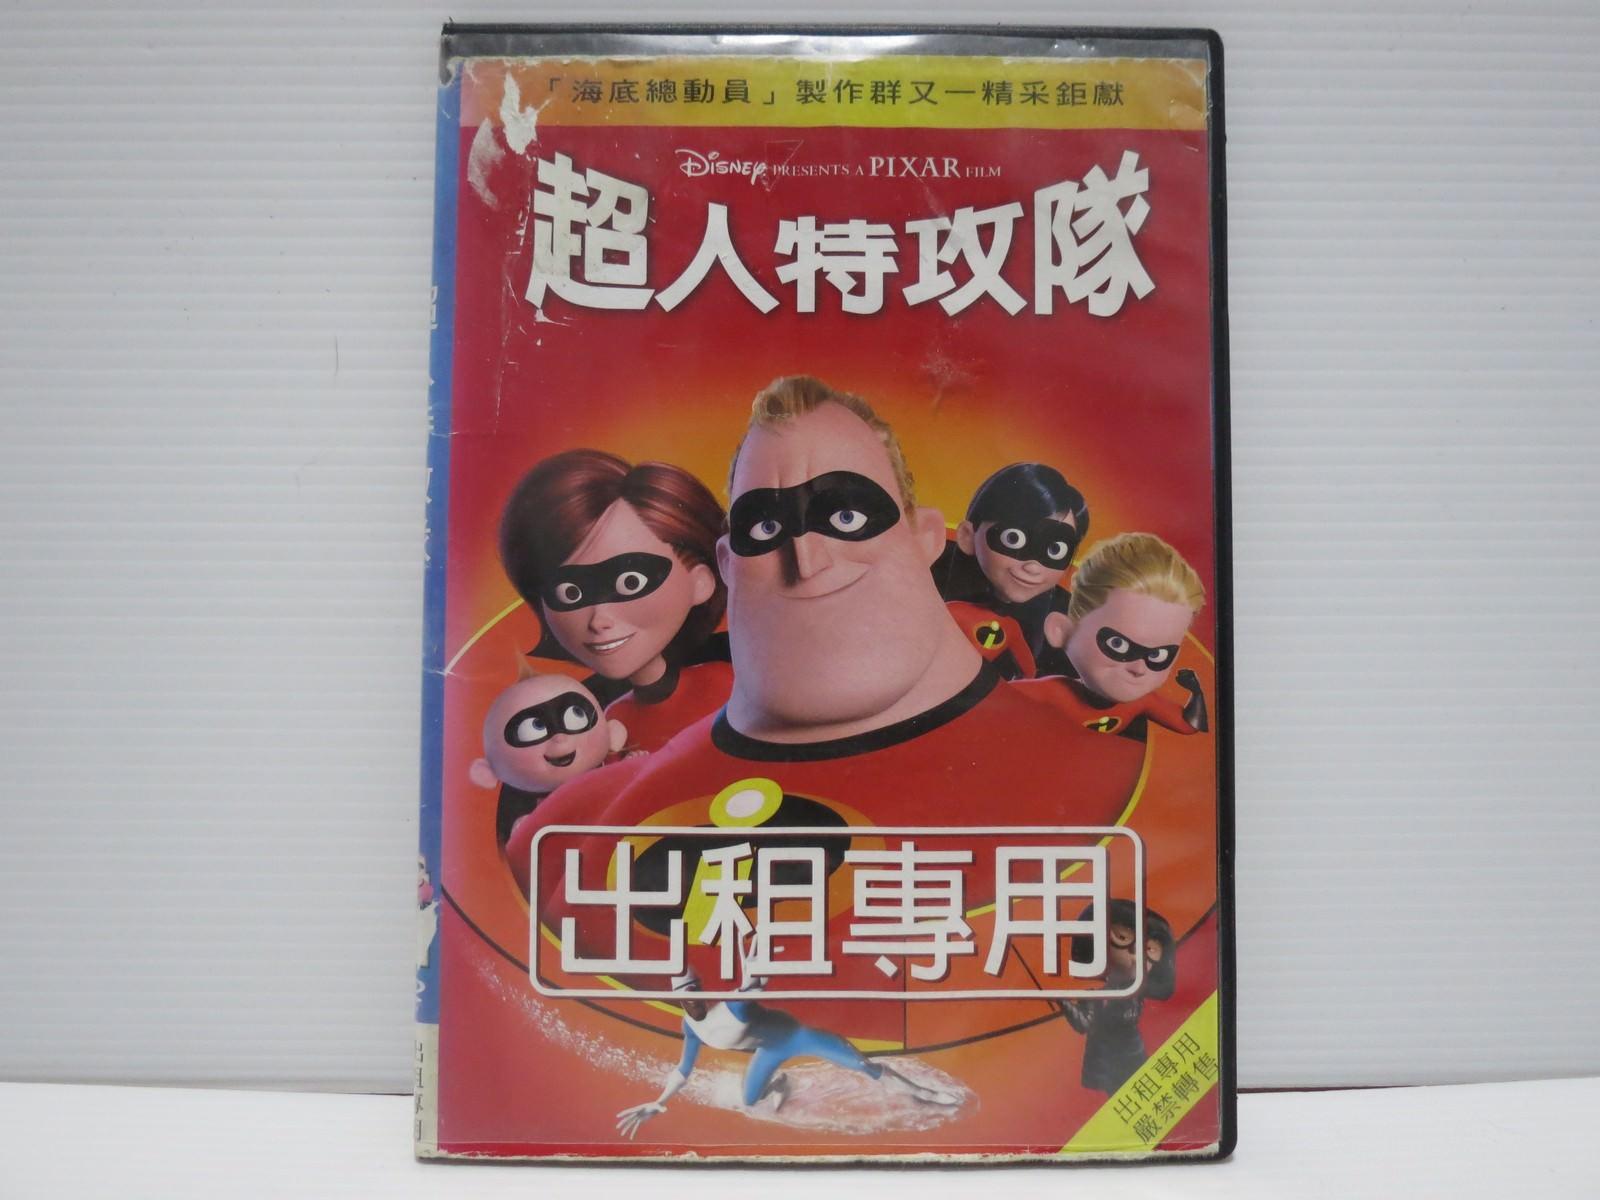 Movie, The Incredibles(美國, 2004) / 超人特攻隊(台) / 超人总动员(中) / 超人特工隊(港), 電影DVD